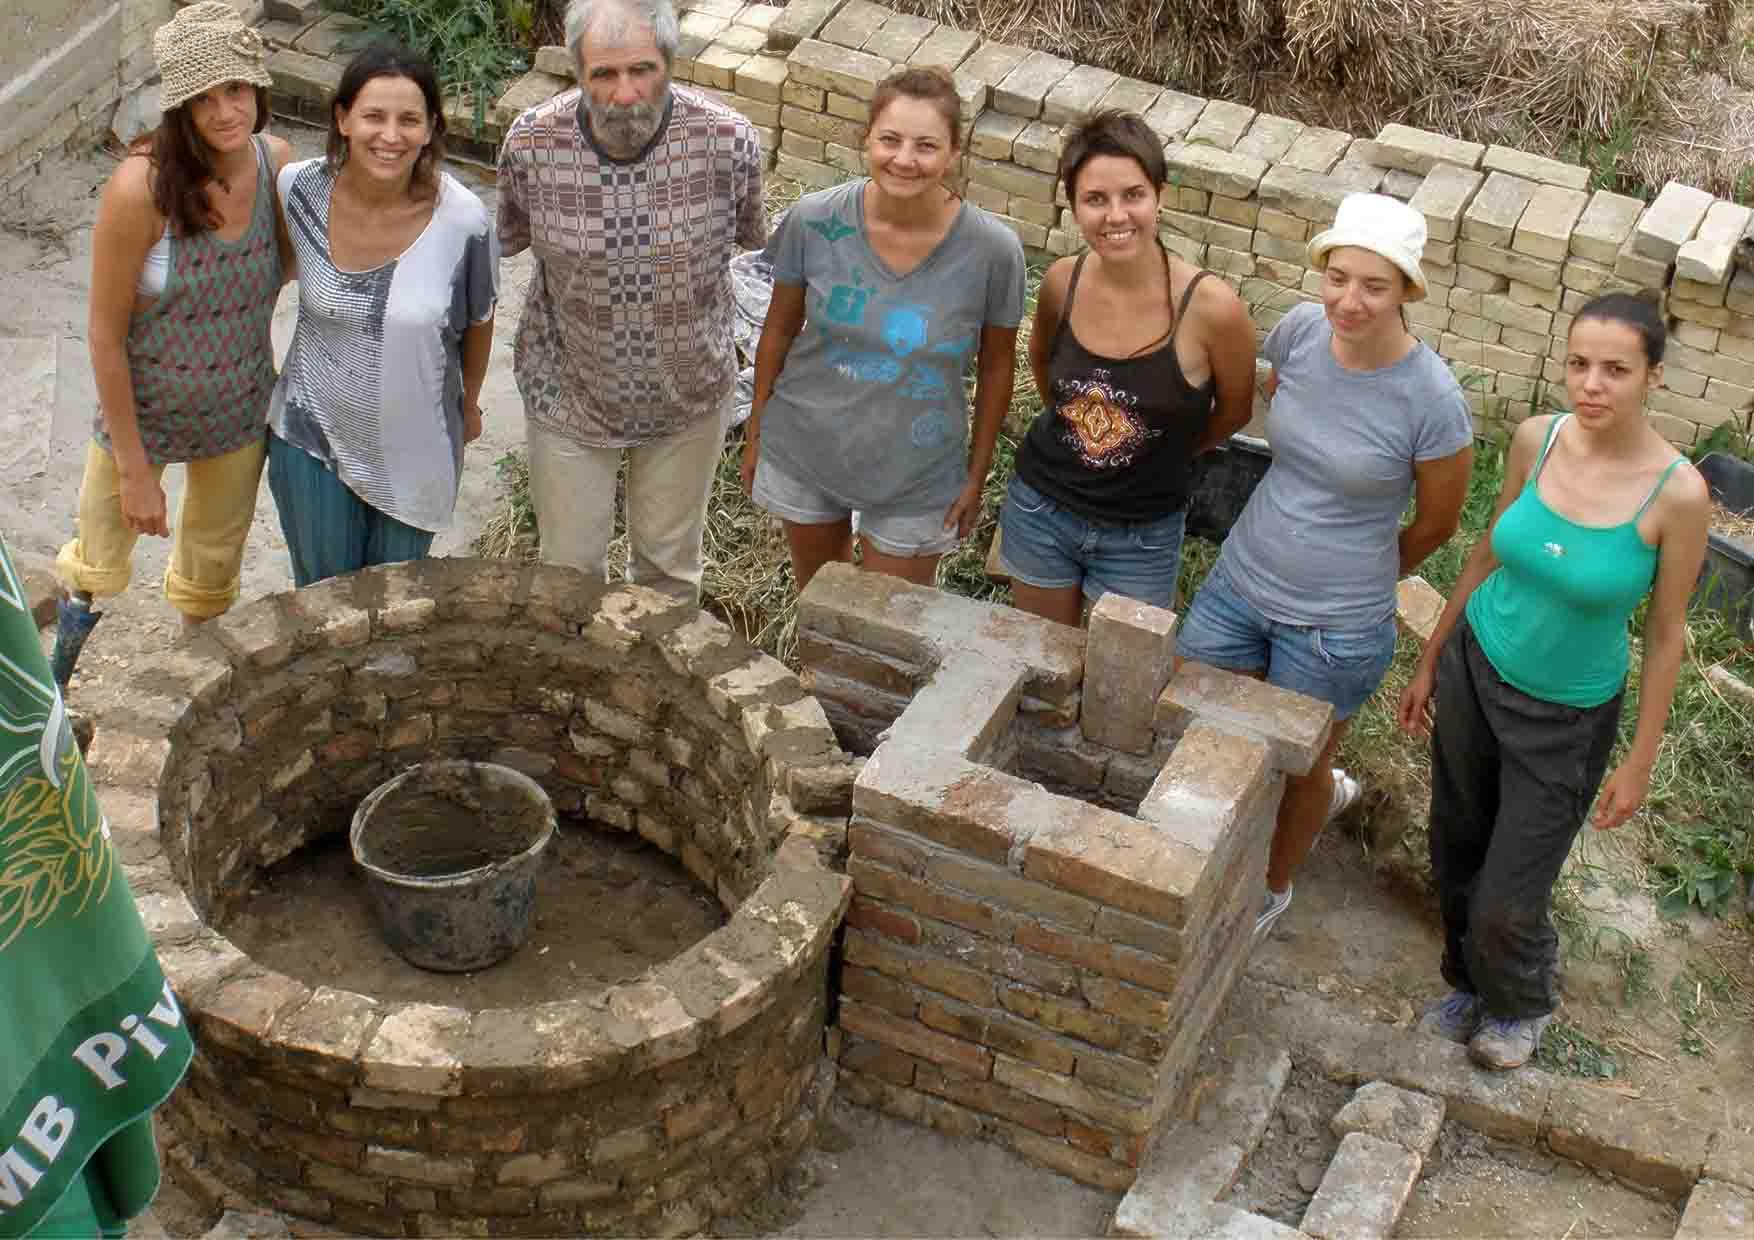 20 pećke Vass Zoltan žemska pećka radionica zidanje na kraju prvog dana